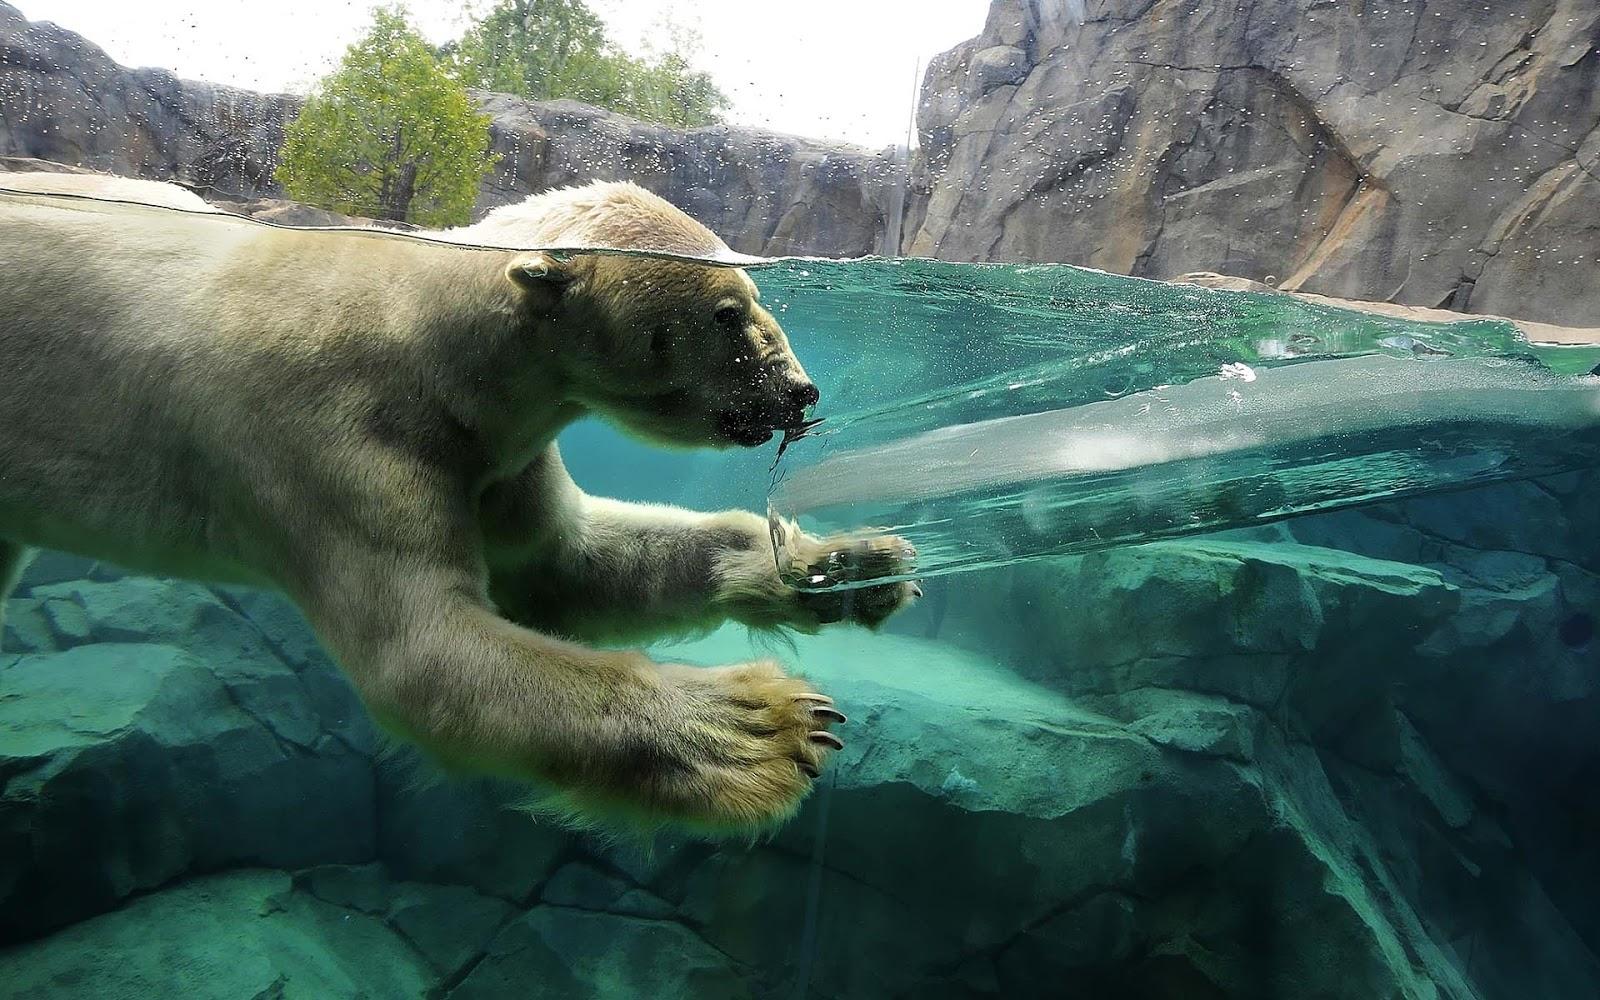 http://4.bp.blogspot.com/-0IghFxN3vIM/UIwQQytf4AI/AAAAAAAAIEU/9bMRJtuk6Oc/s1600/foto-van-een-ijsbeer-in-het-water-hd-ijsberen-wallpaper.jpg